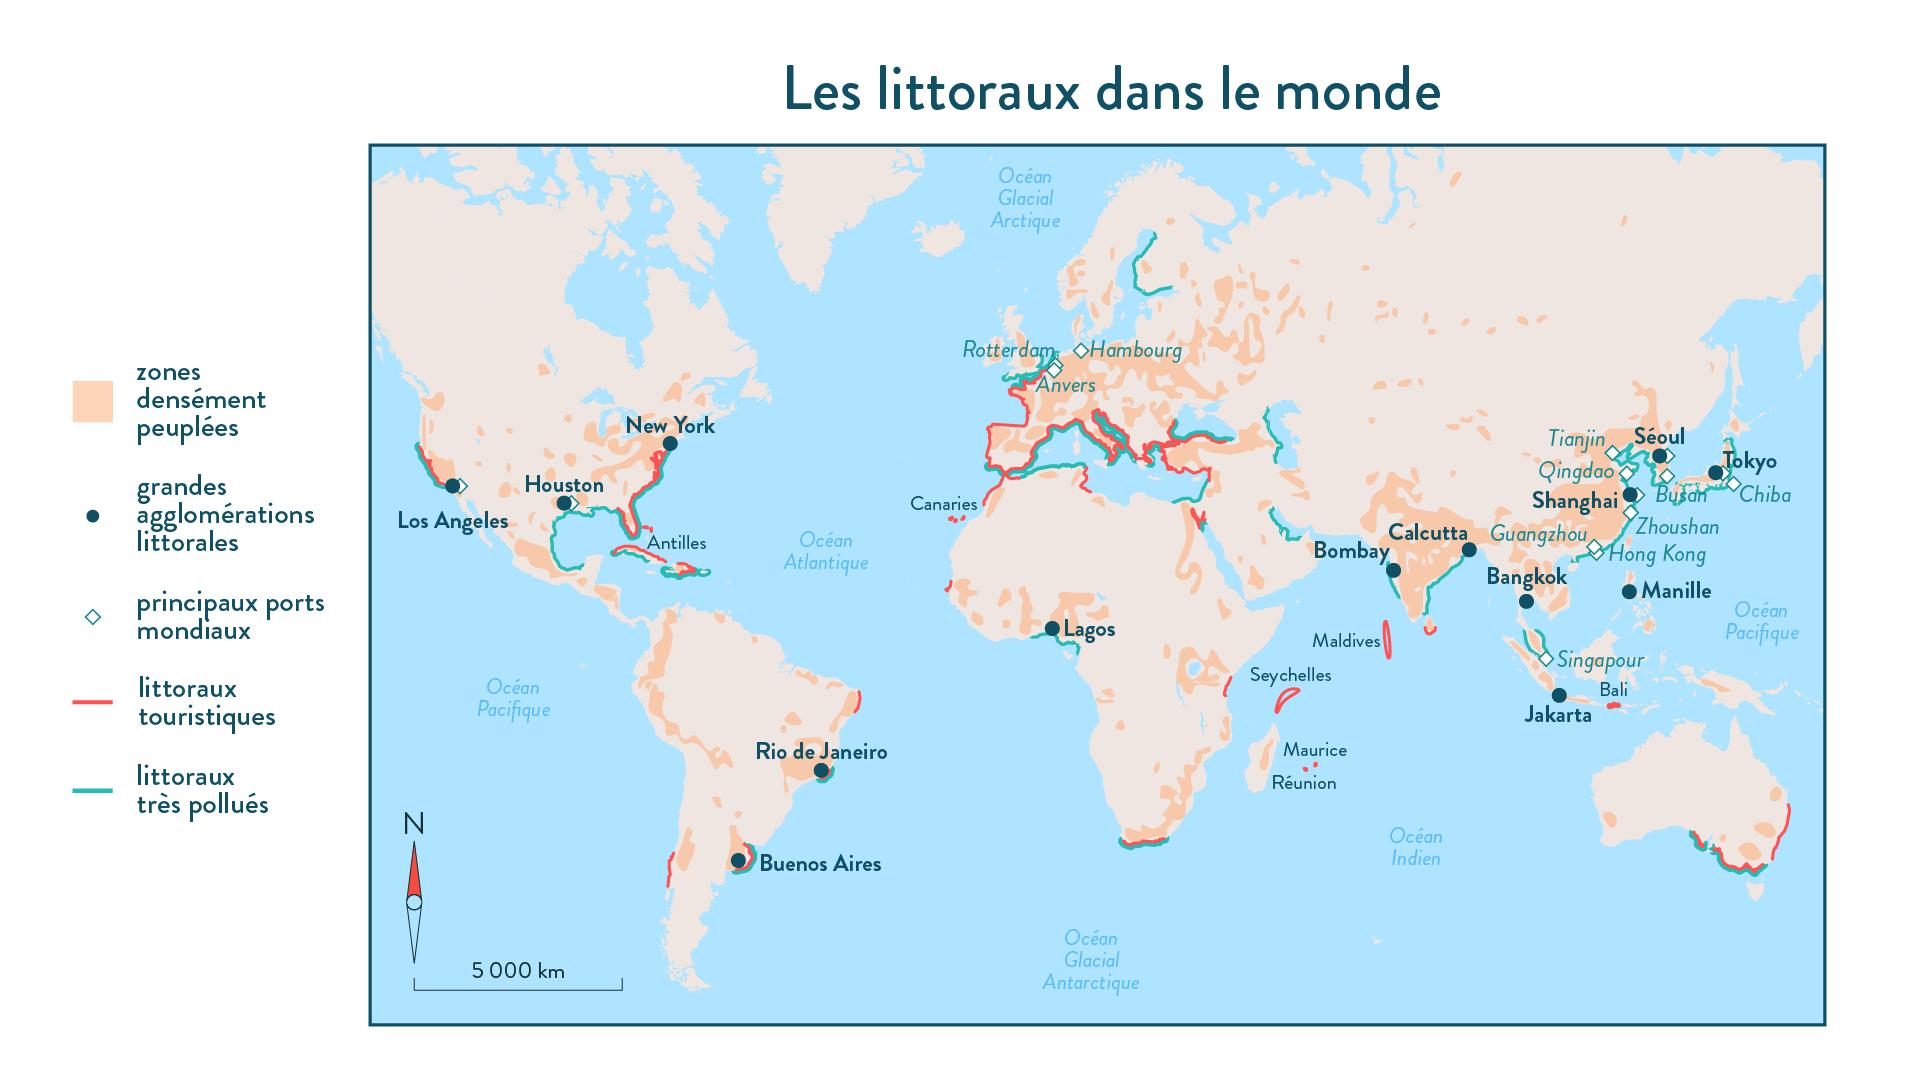 Les littoraux dans le monde - geographie - 6e